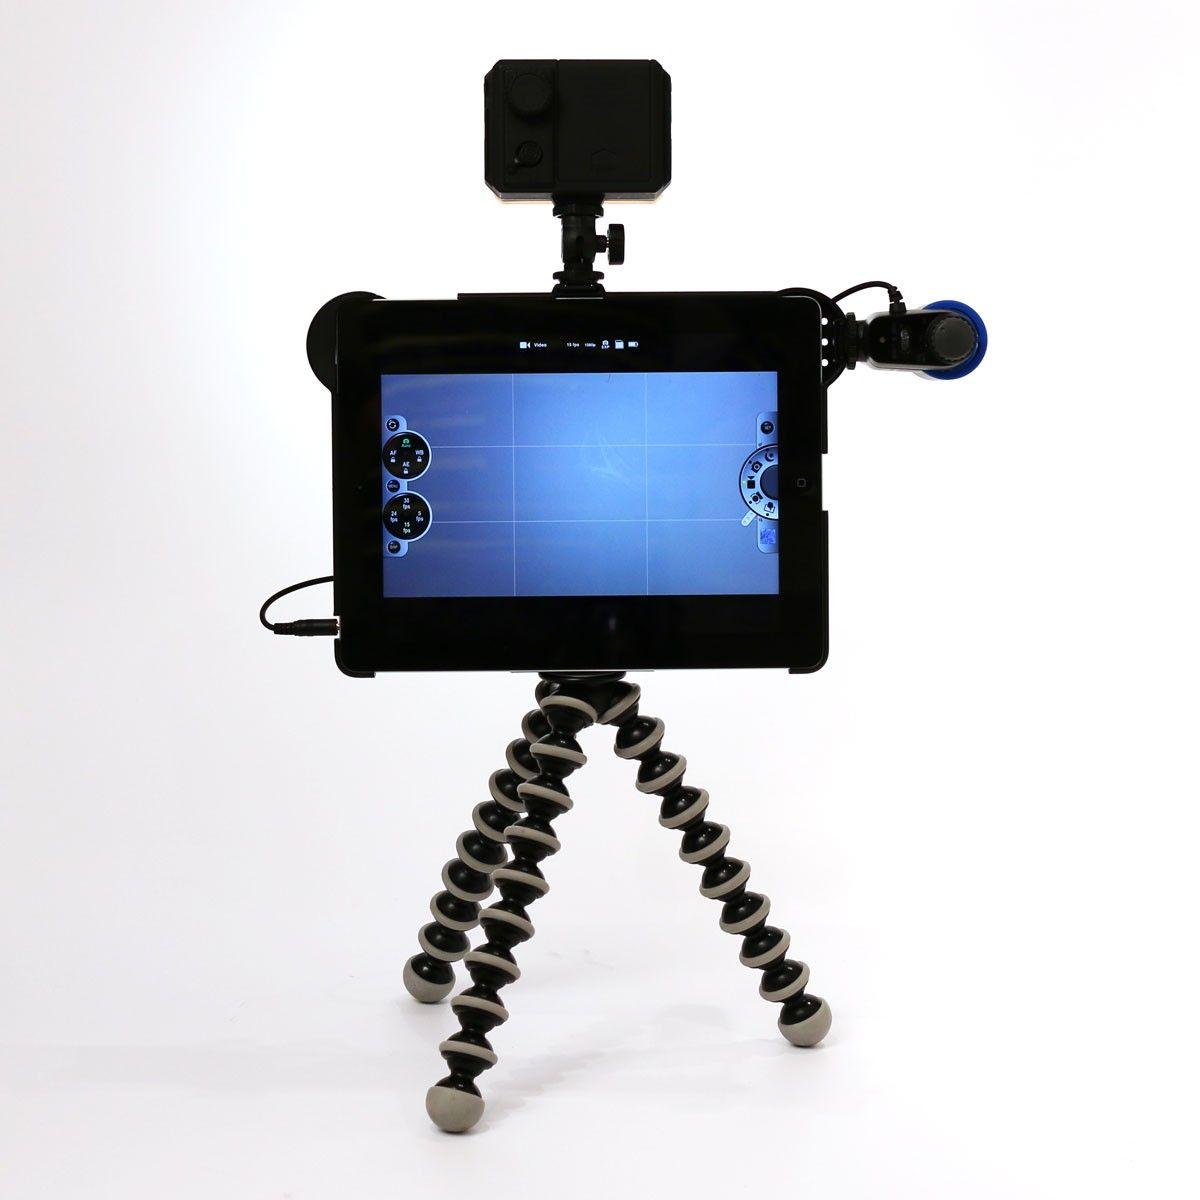 Makayama Kit med Gorillapod er et komplet video studie.  Optag, rediger og upload dine videoer fra en og samme enhed. Genialt til Flipped learning, Stop and Motion og Animations film.